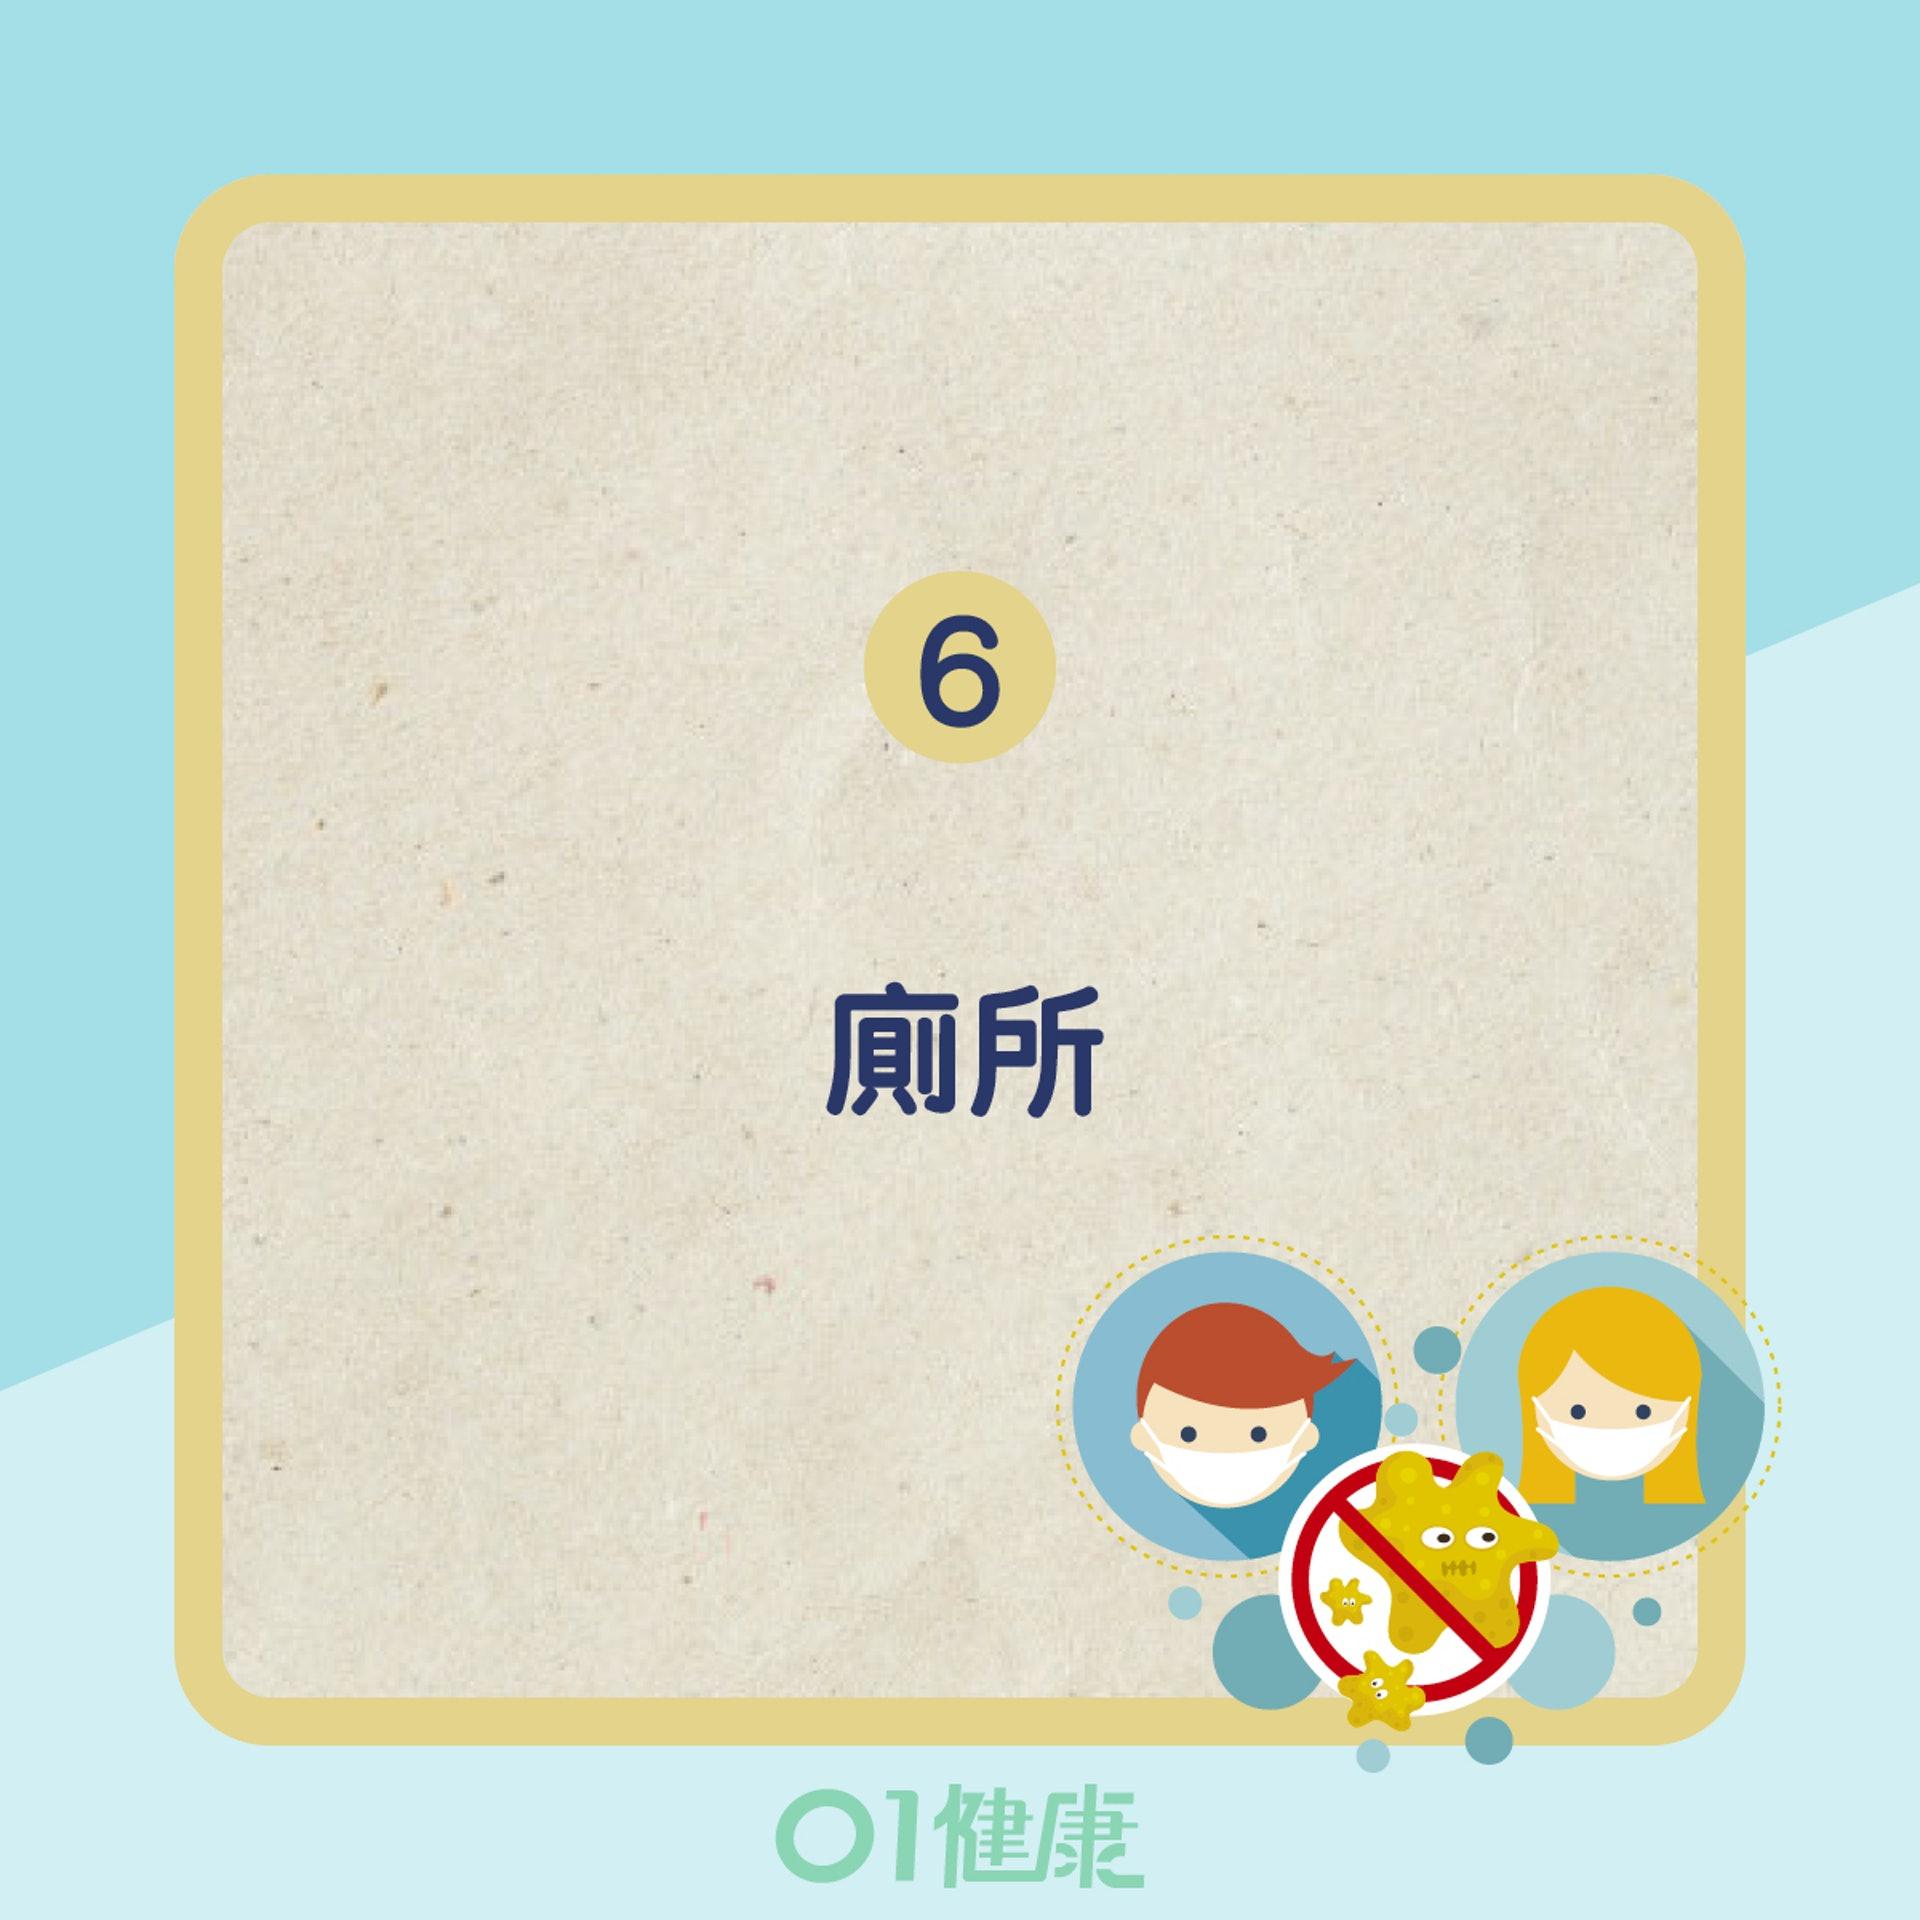 新冠肺炎高危場所(01製圖)